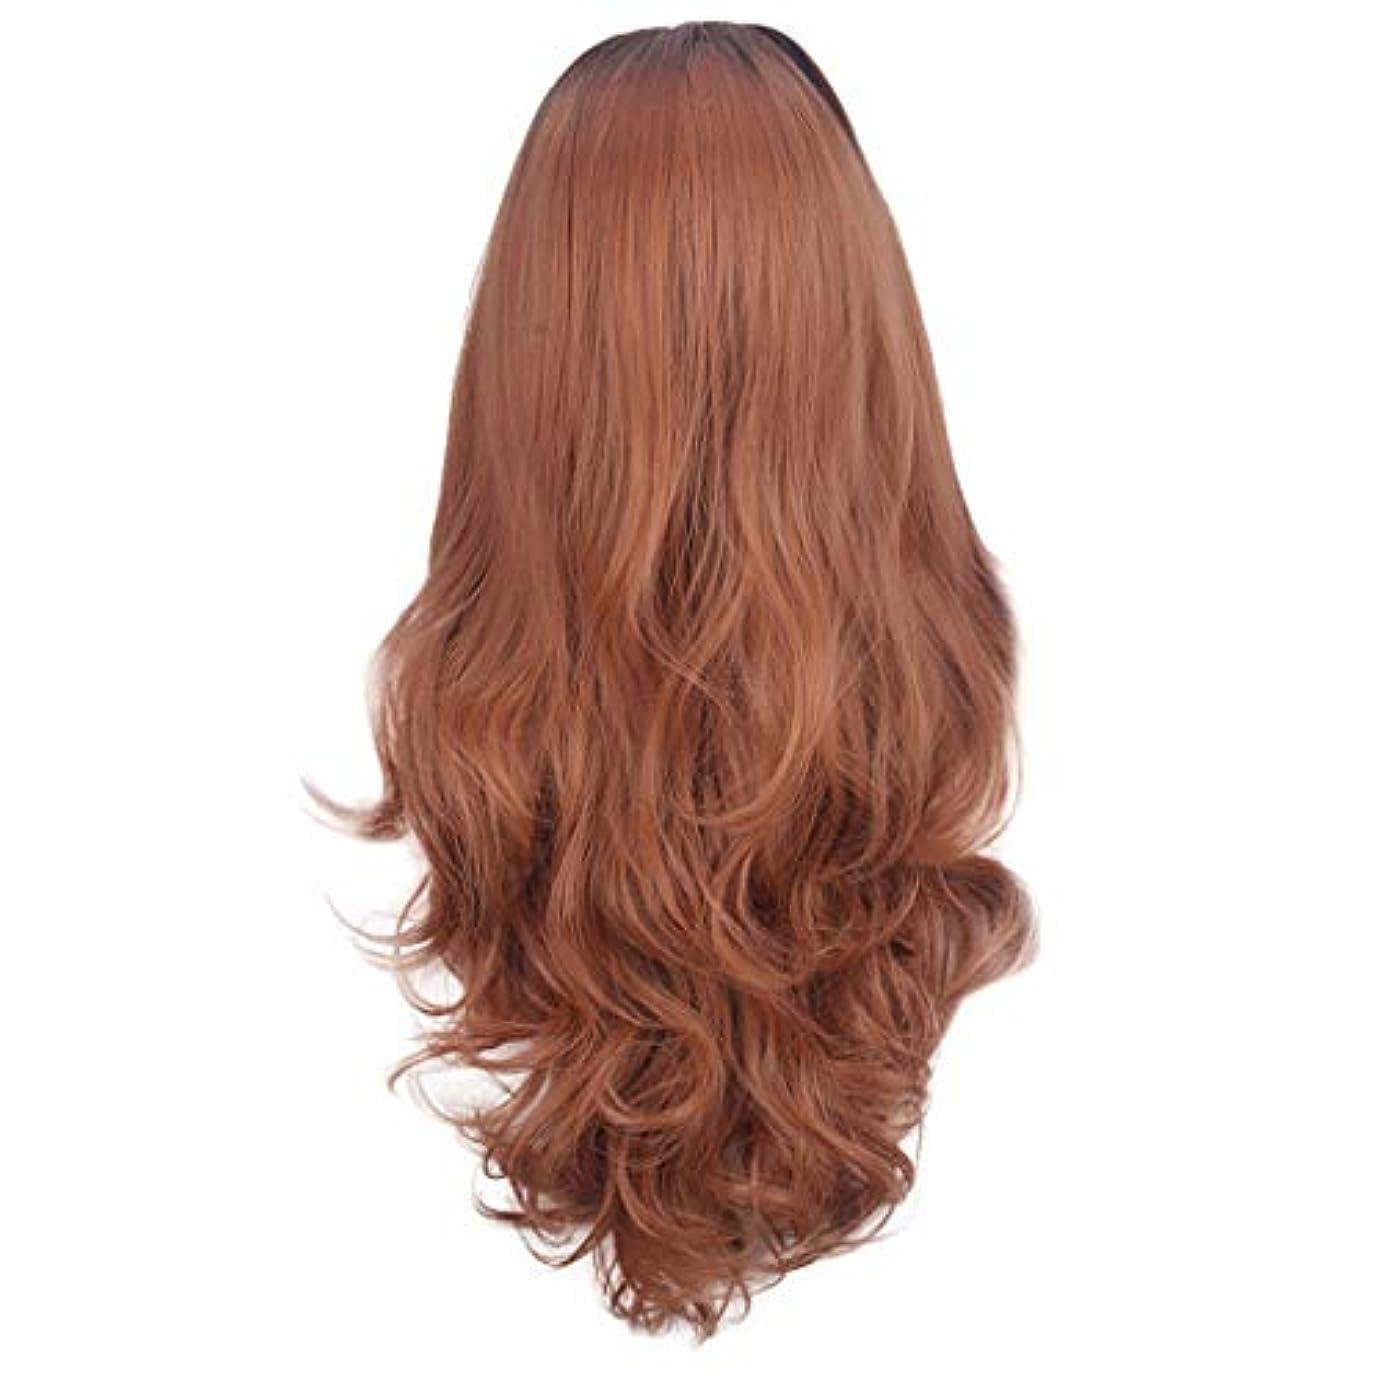 説明的マニフェストさせる茶色の女性のかつらの長い巻き毛のフロントレースかつら80CM